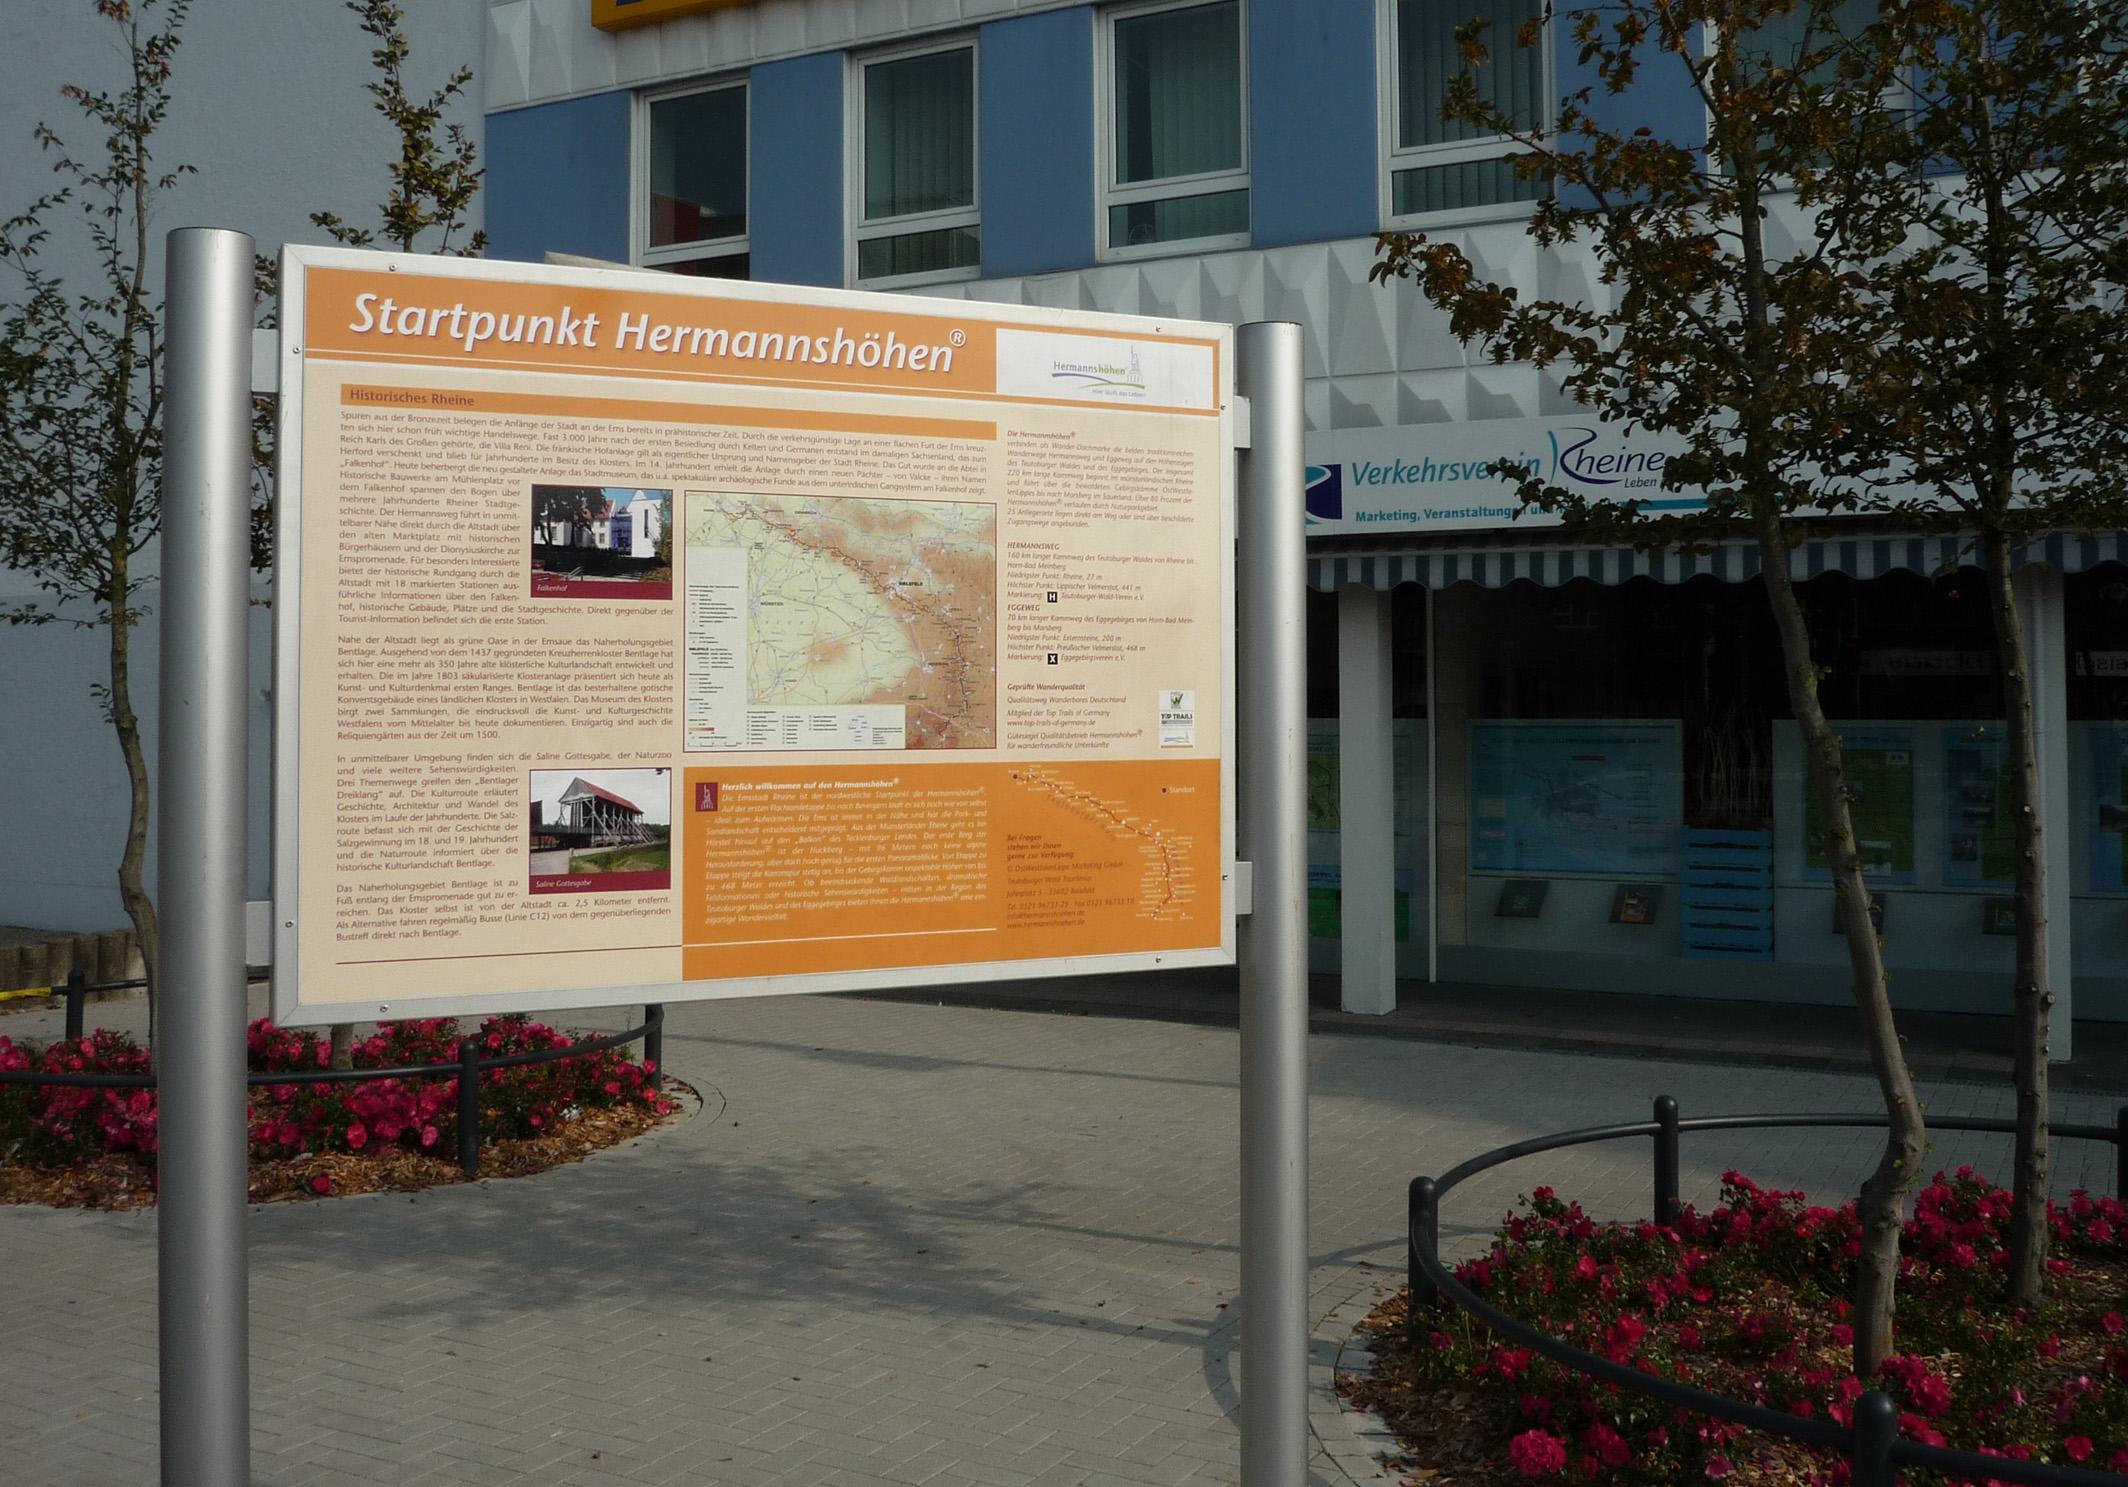 Startpunkt der Hermannshöhen an der Tourist-Info in Rheine